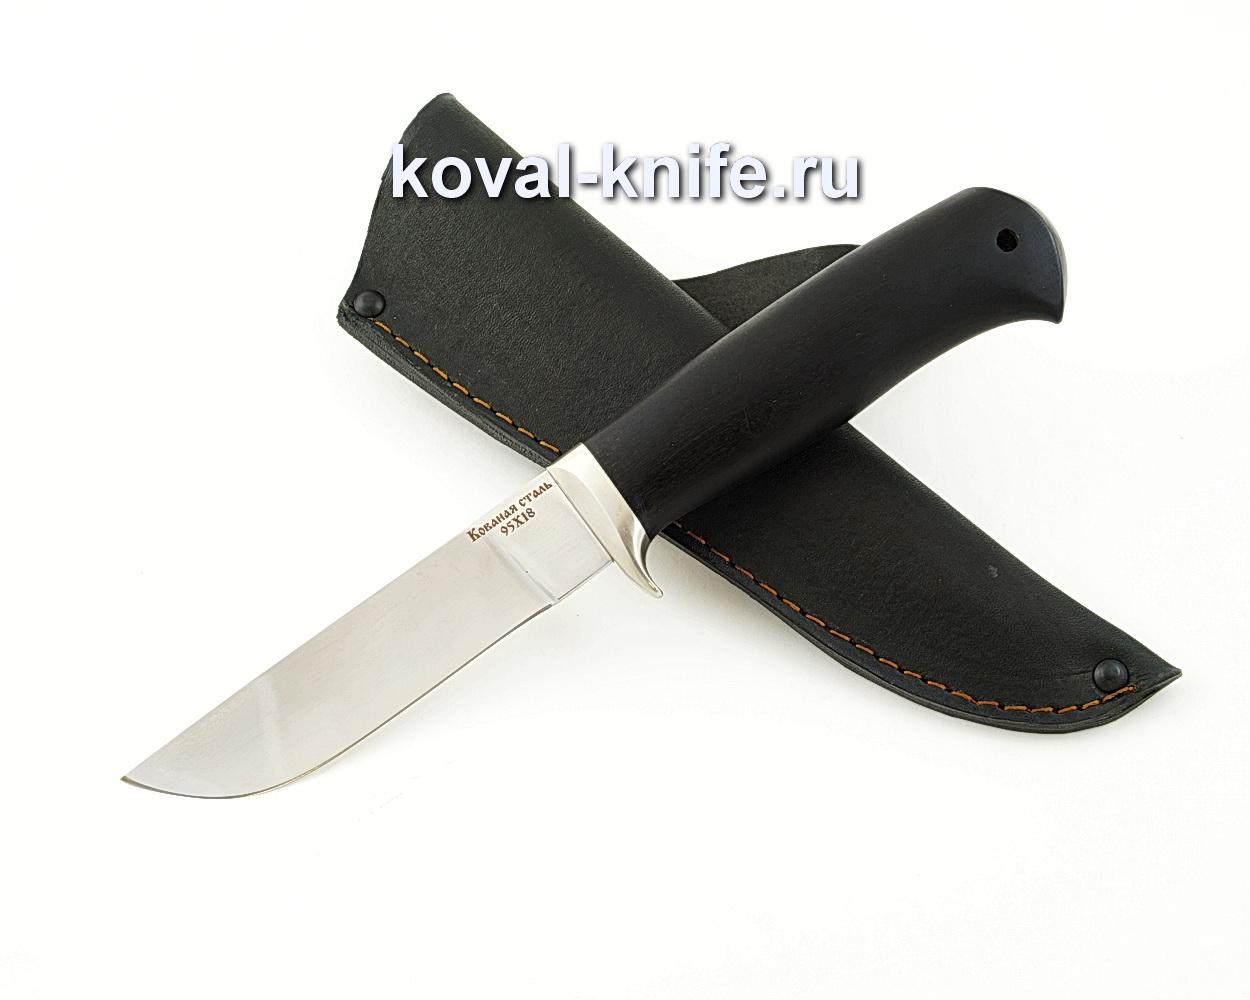 Нож Белка из кованой стали 95Х18 с рукоятью из черного граба A582